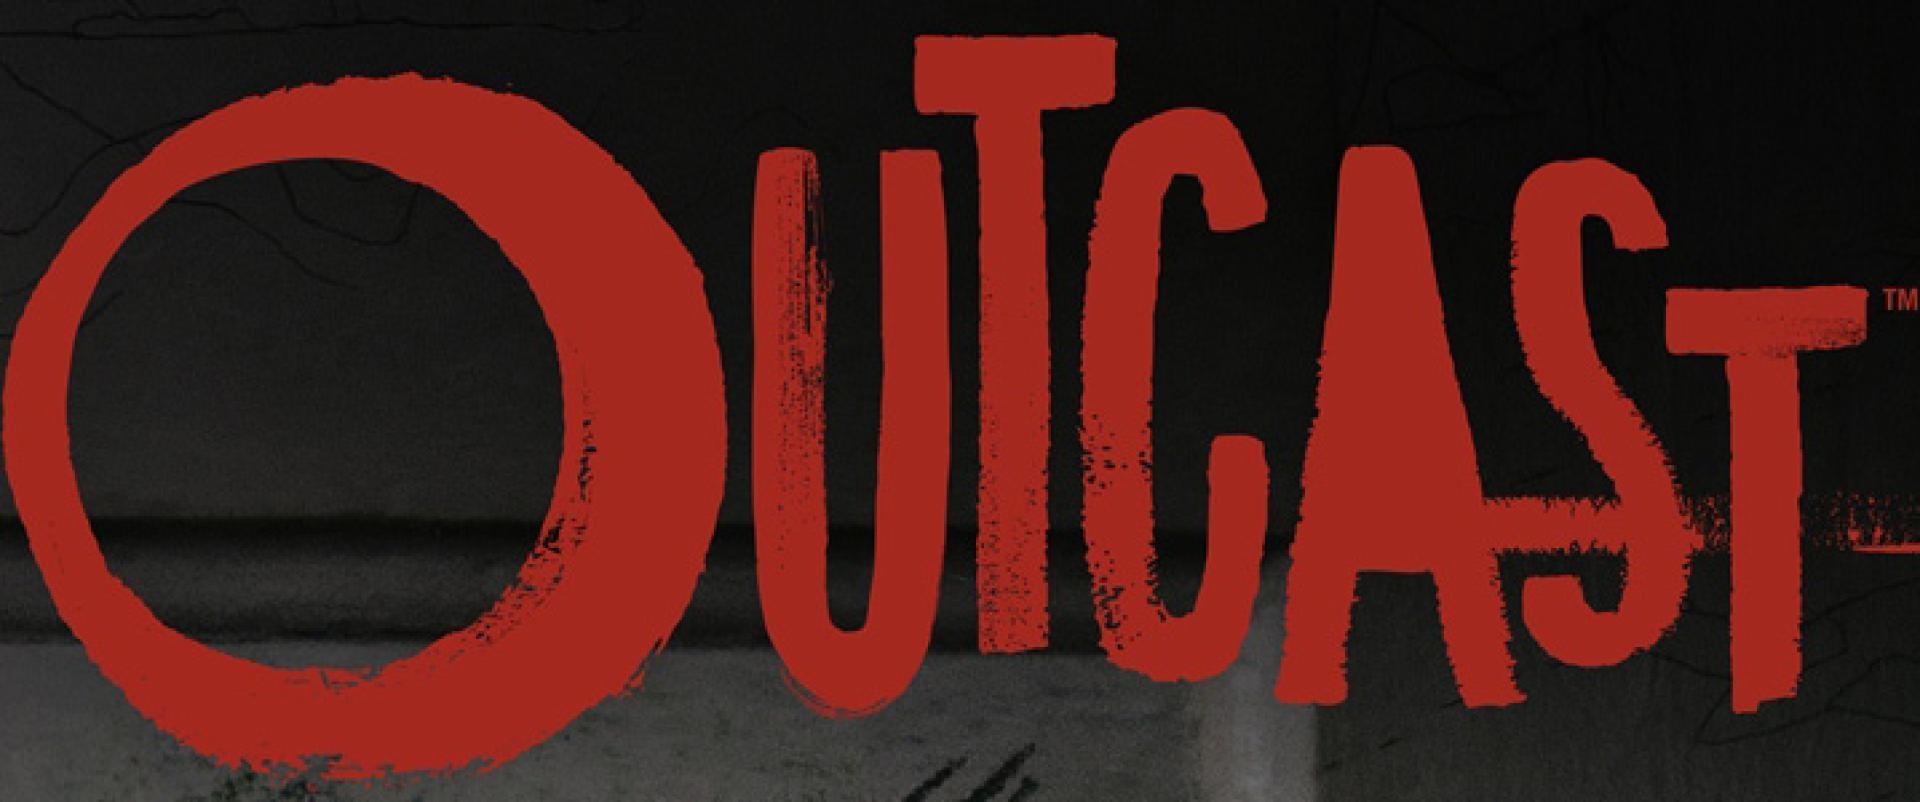 Outcast 1x03